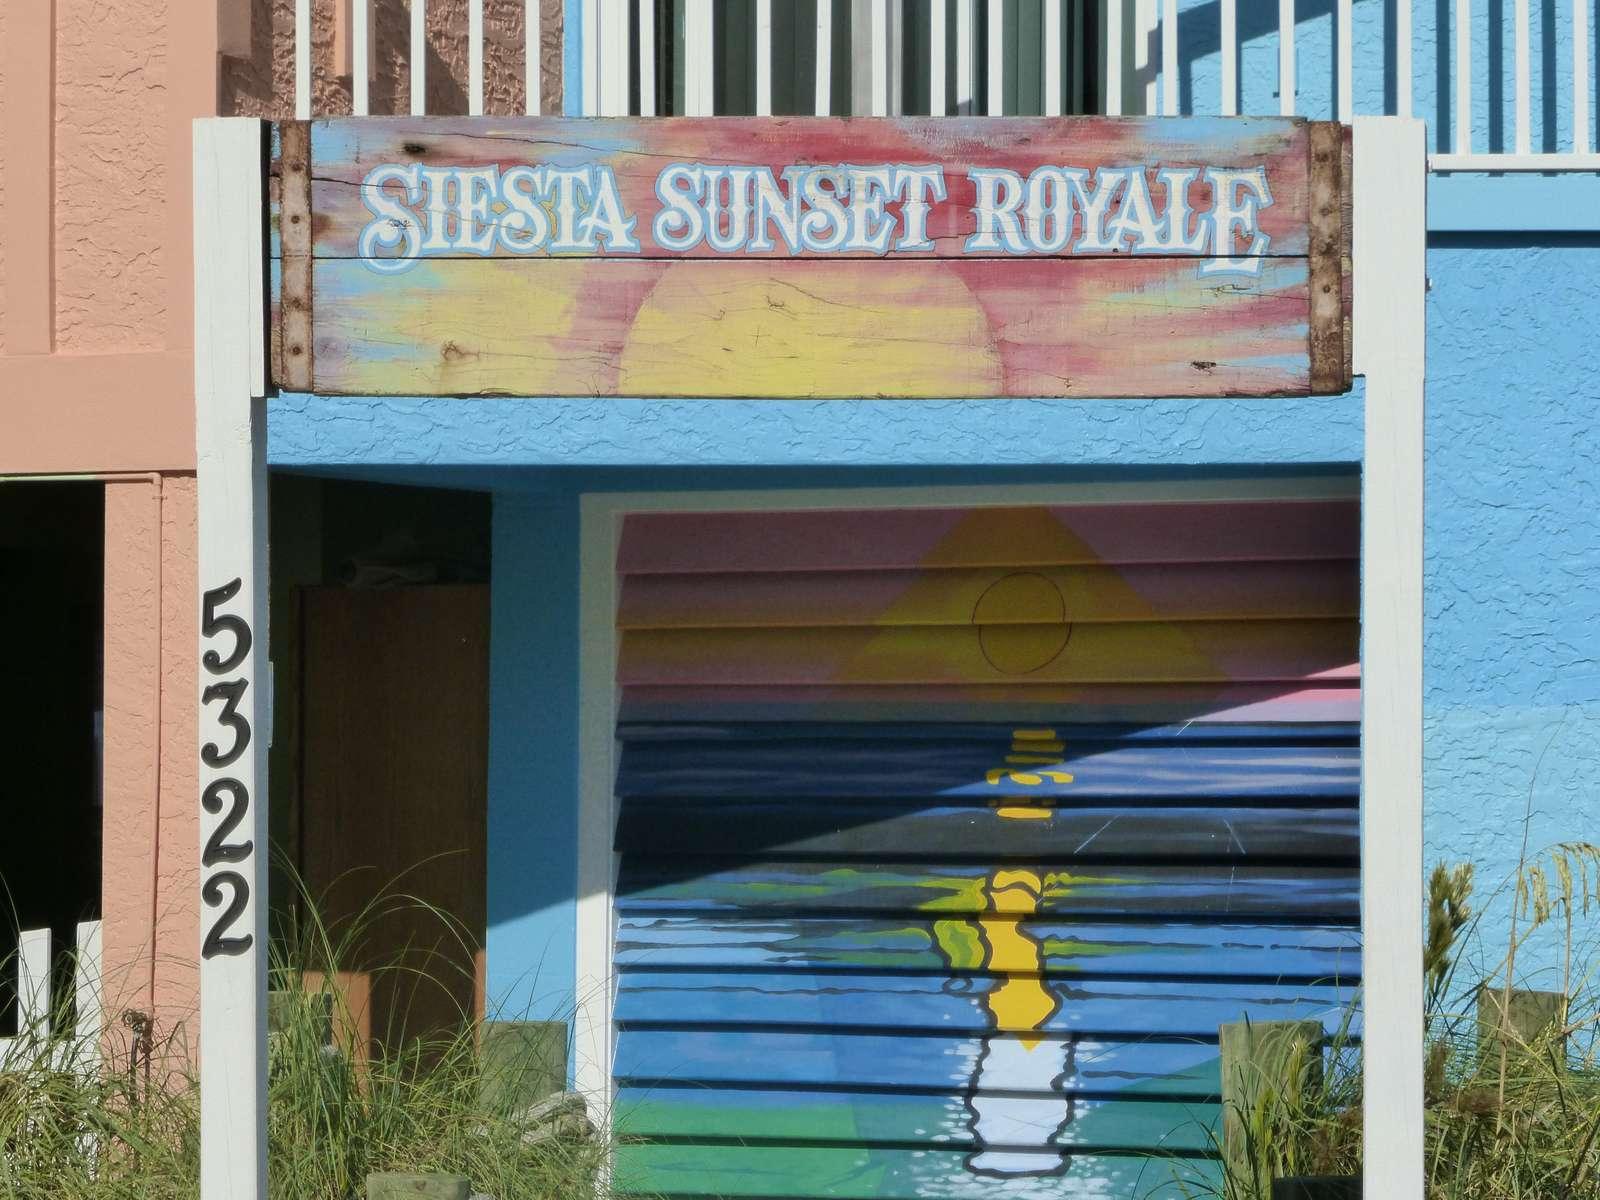 Siesta Sunset Royale entrance - property